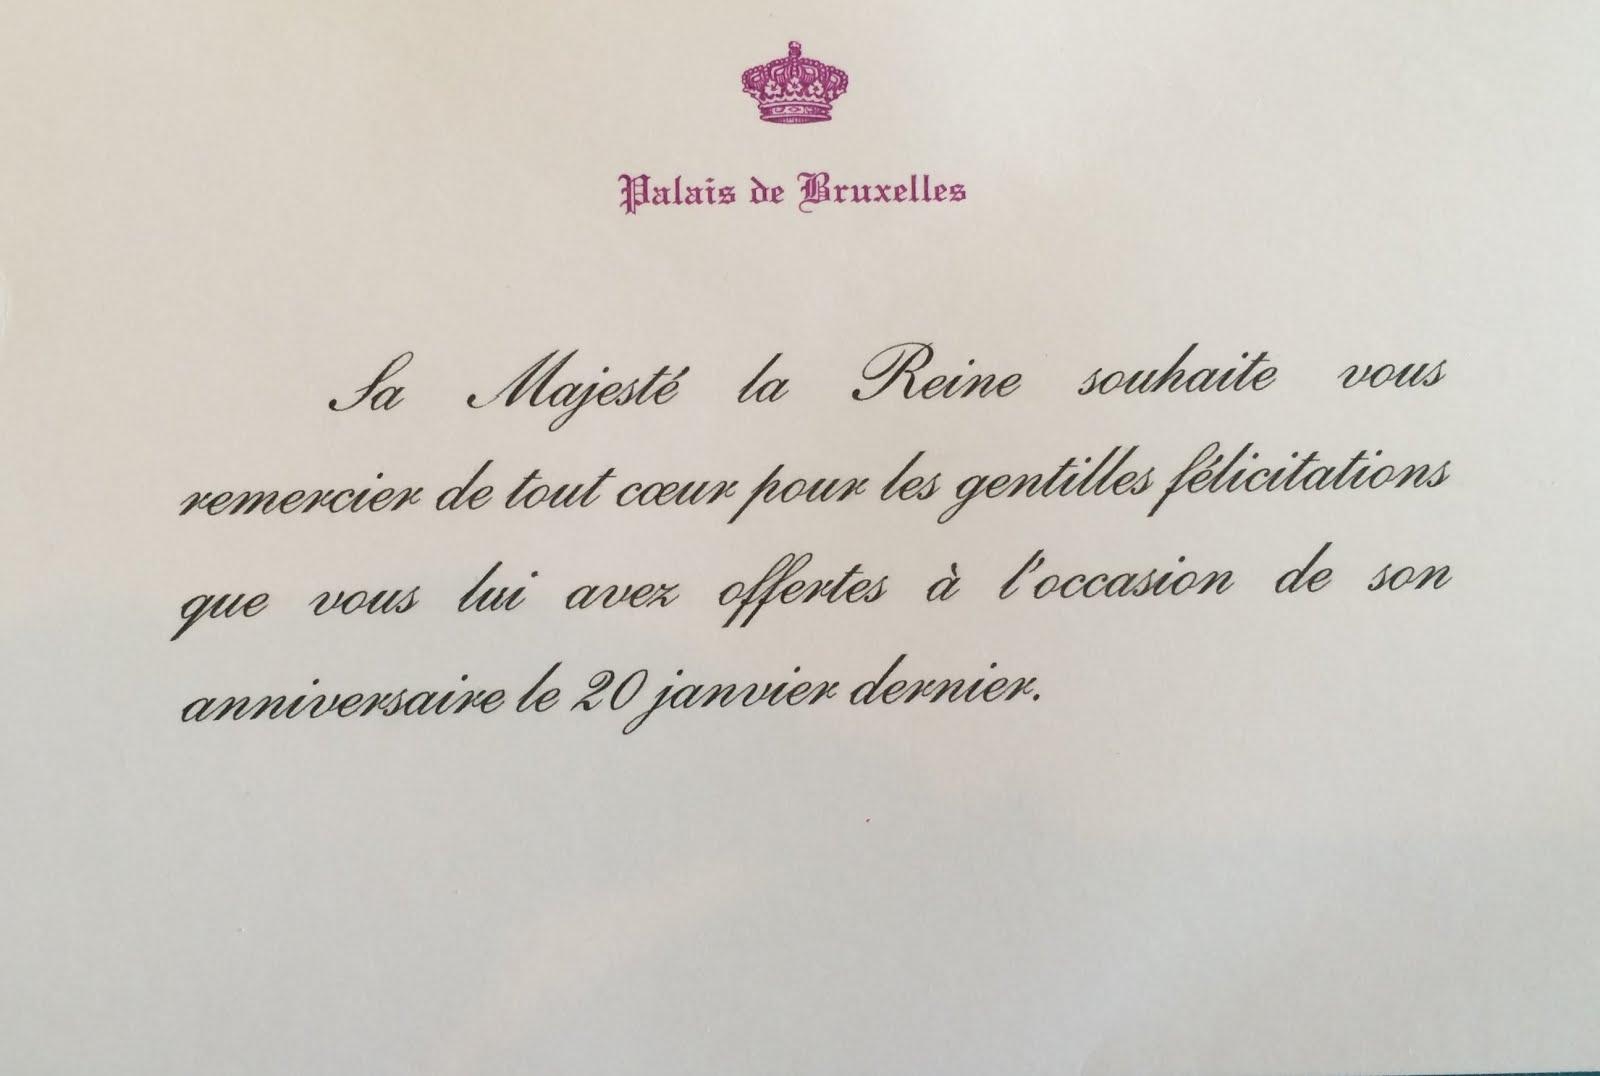 Gerts Royals Queen Mathilde Of Belgium Birthday Reply 2016